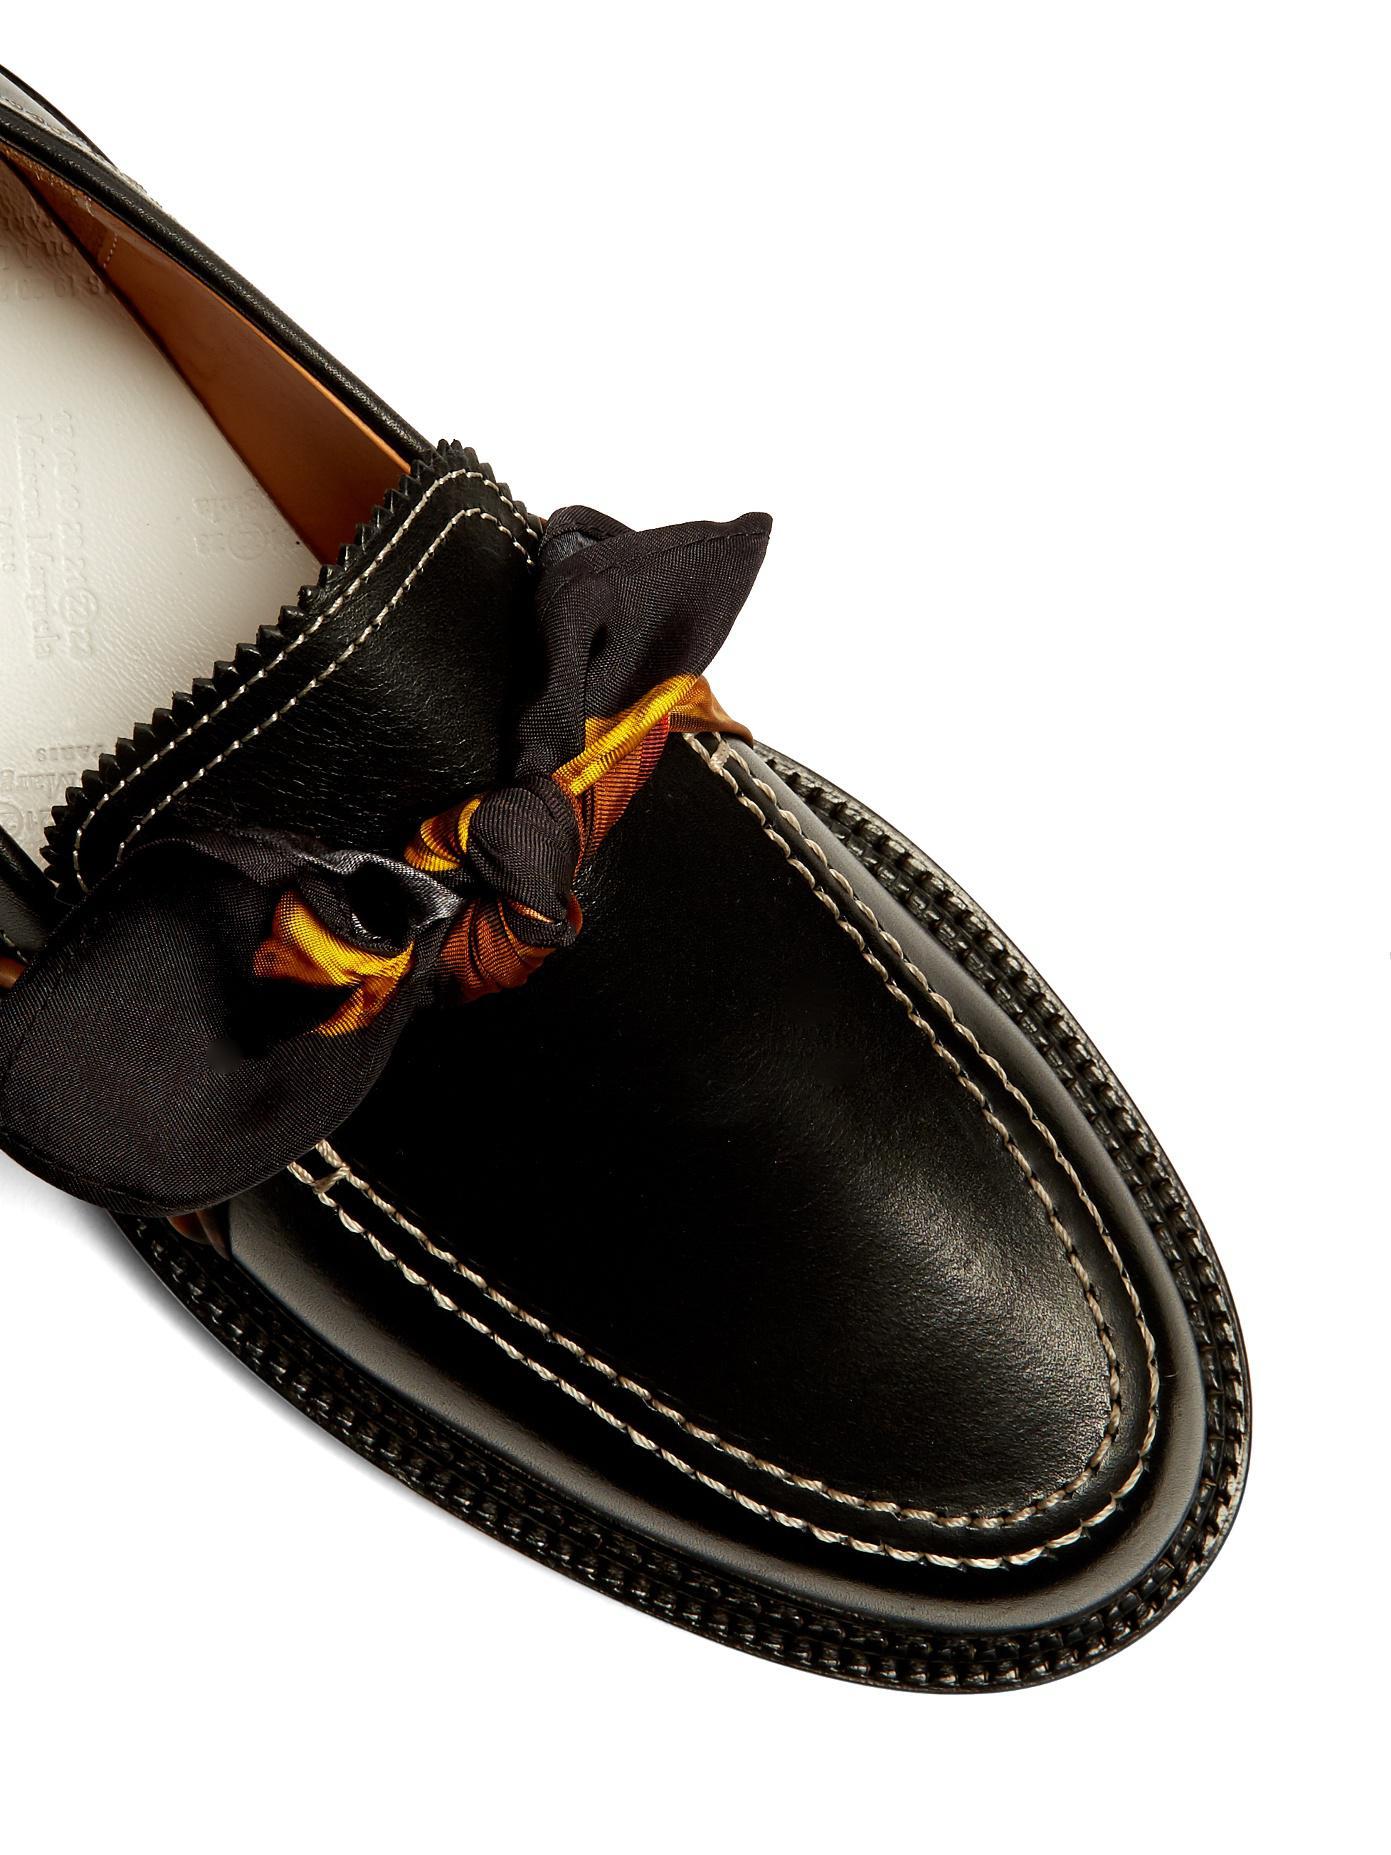 FOOTWEAR - Loafers Maison Martin Margiela w1Uc8